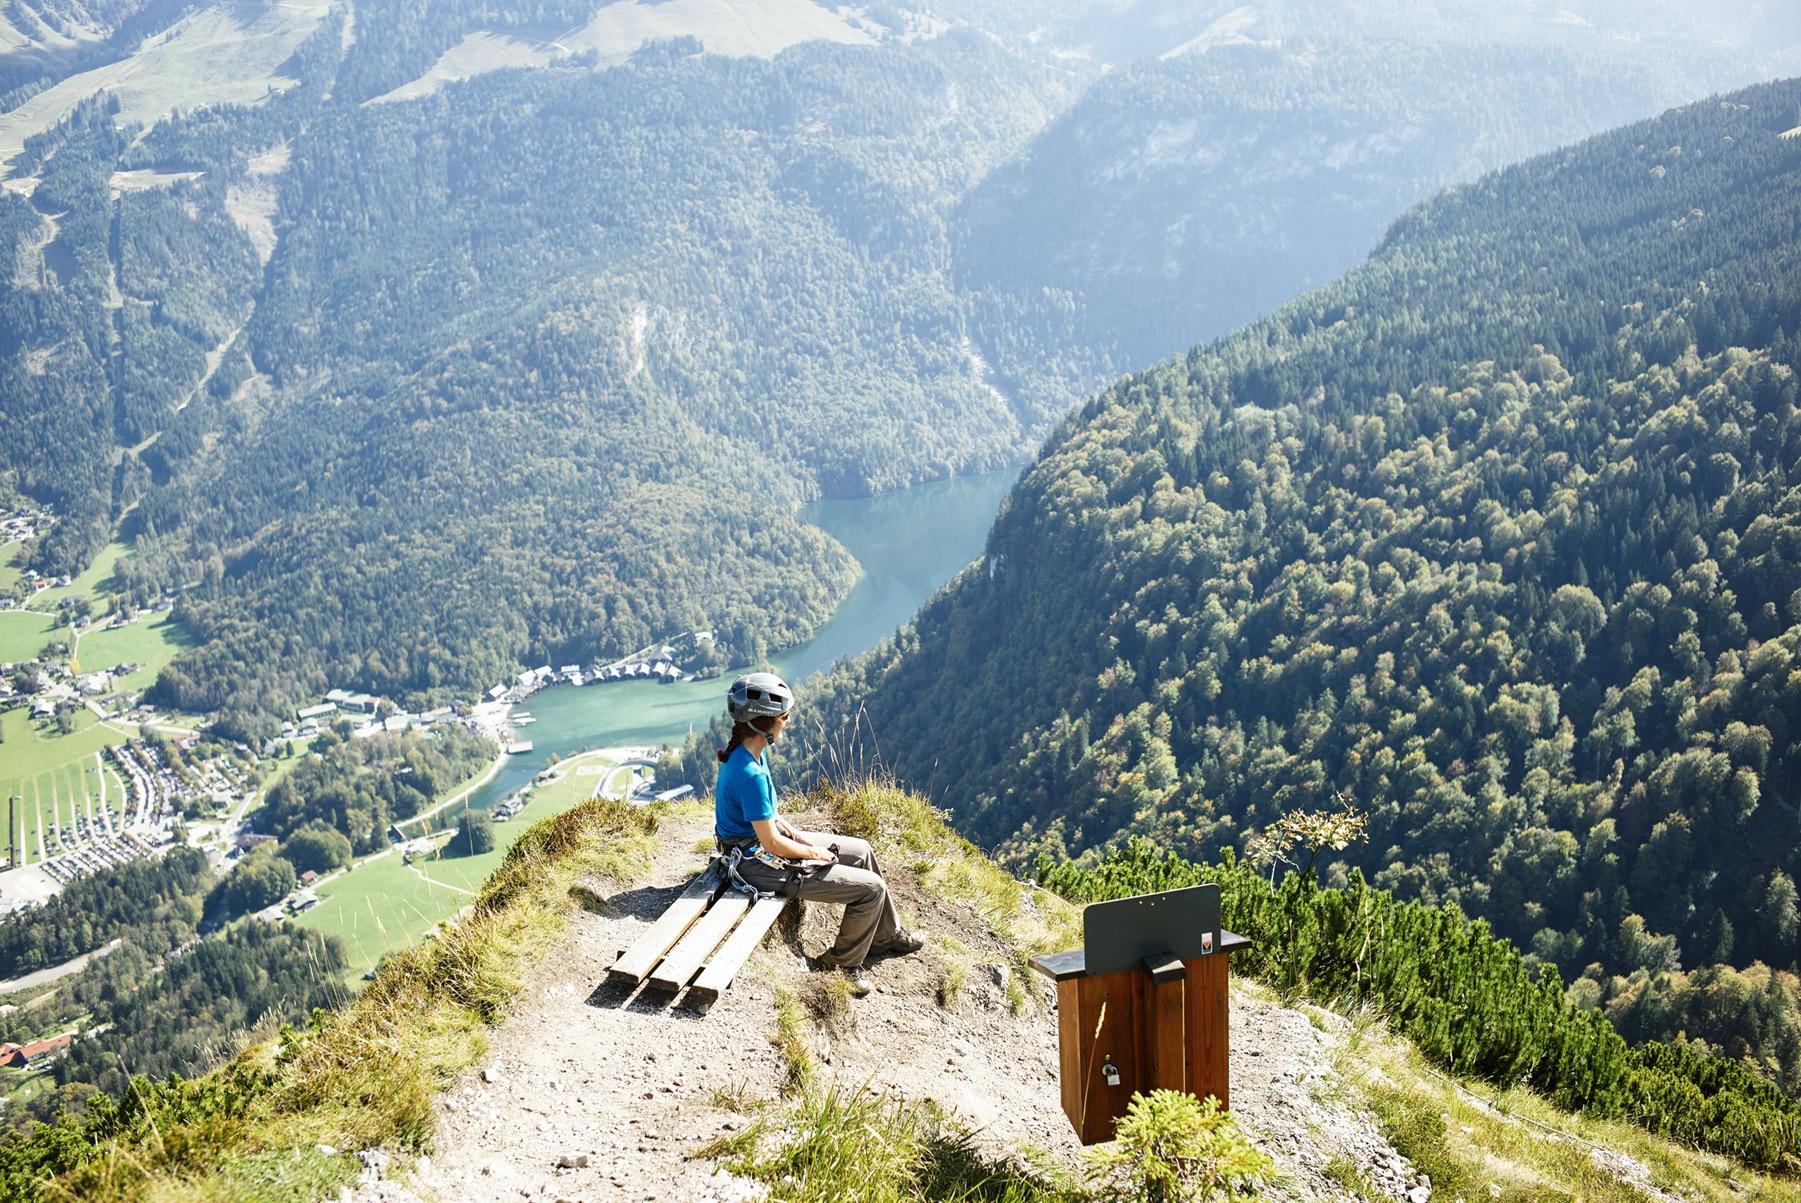 Klettersteig Bayern : Frau begeht steilen klettersteig pidinger